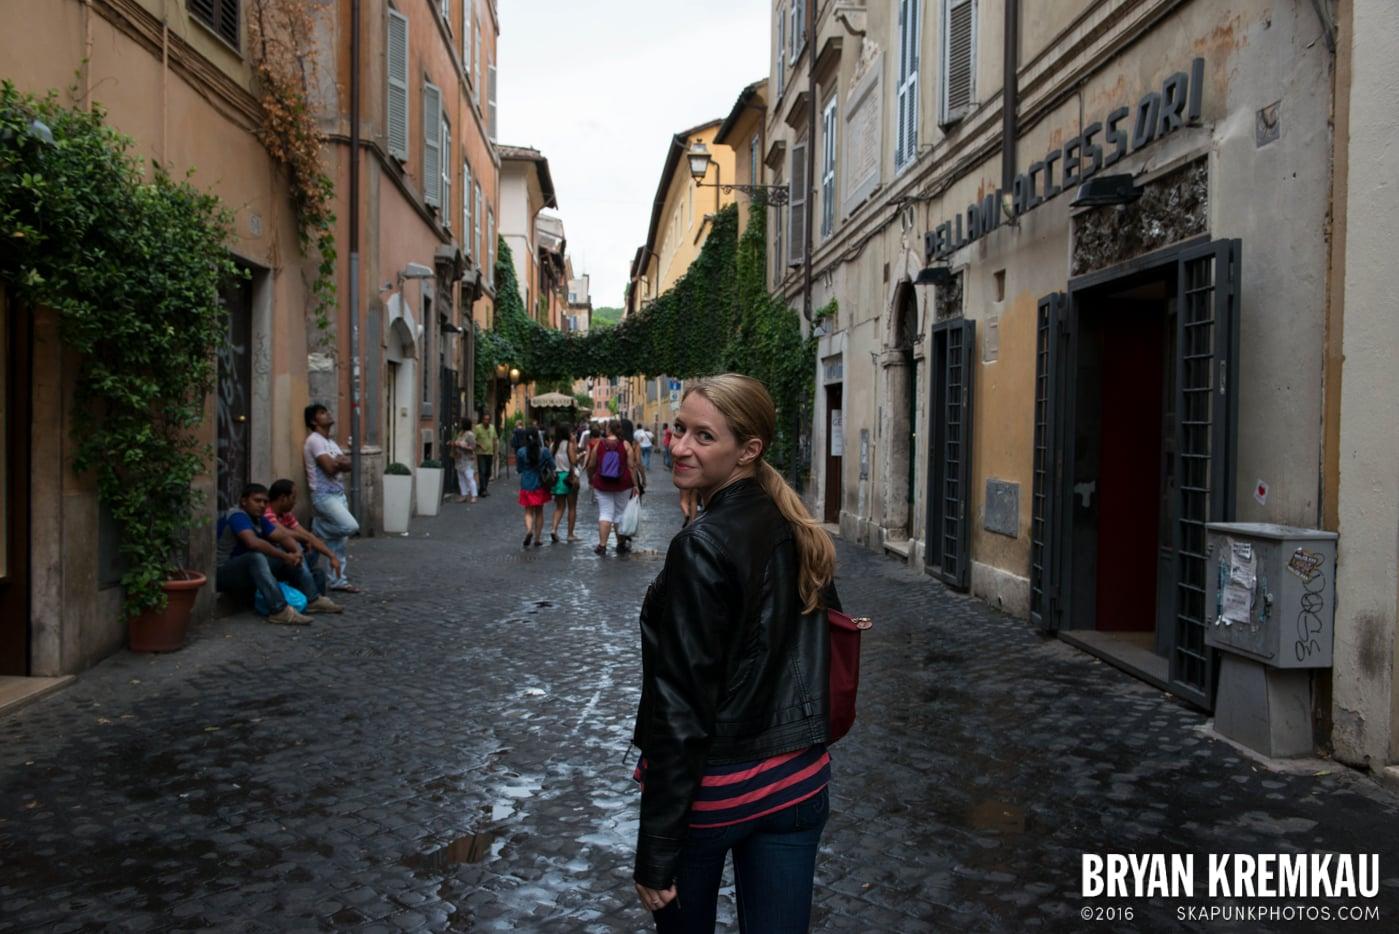 Italy Vacation - Day 2: Rome - 9.10.13 (34)